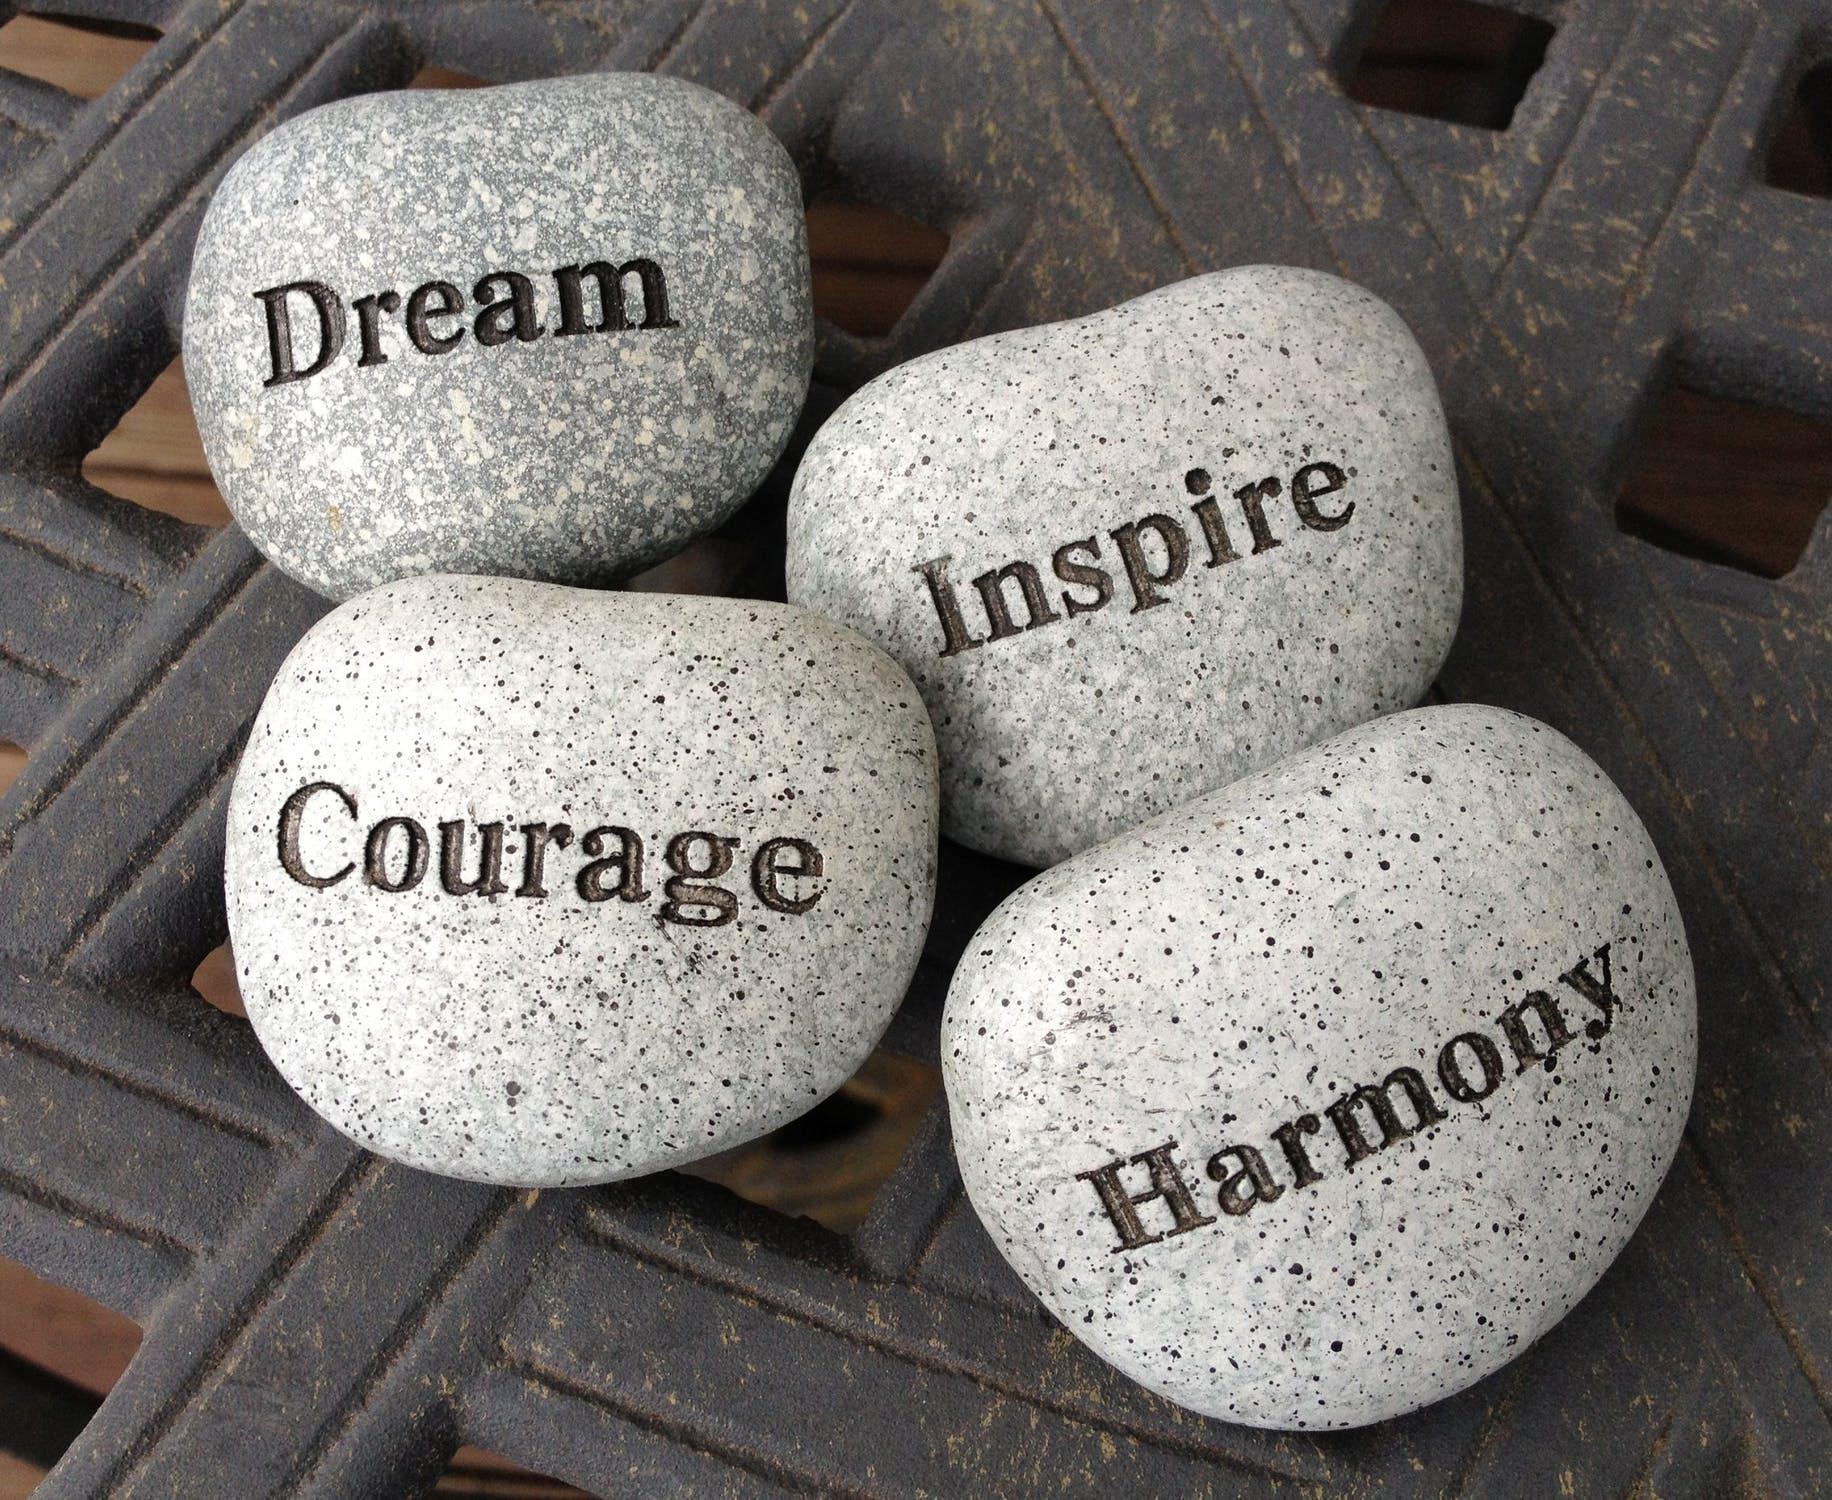 Inspire, Dream, Courage, Harmony & Dream!